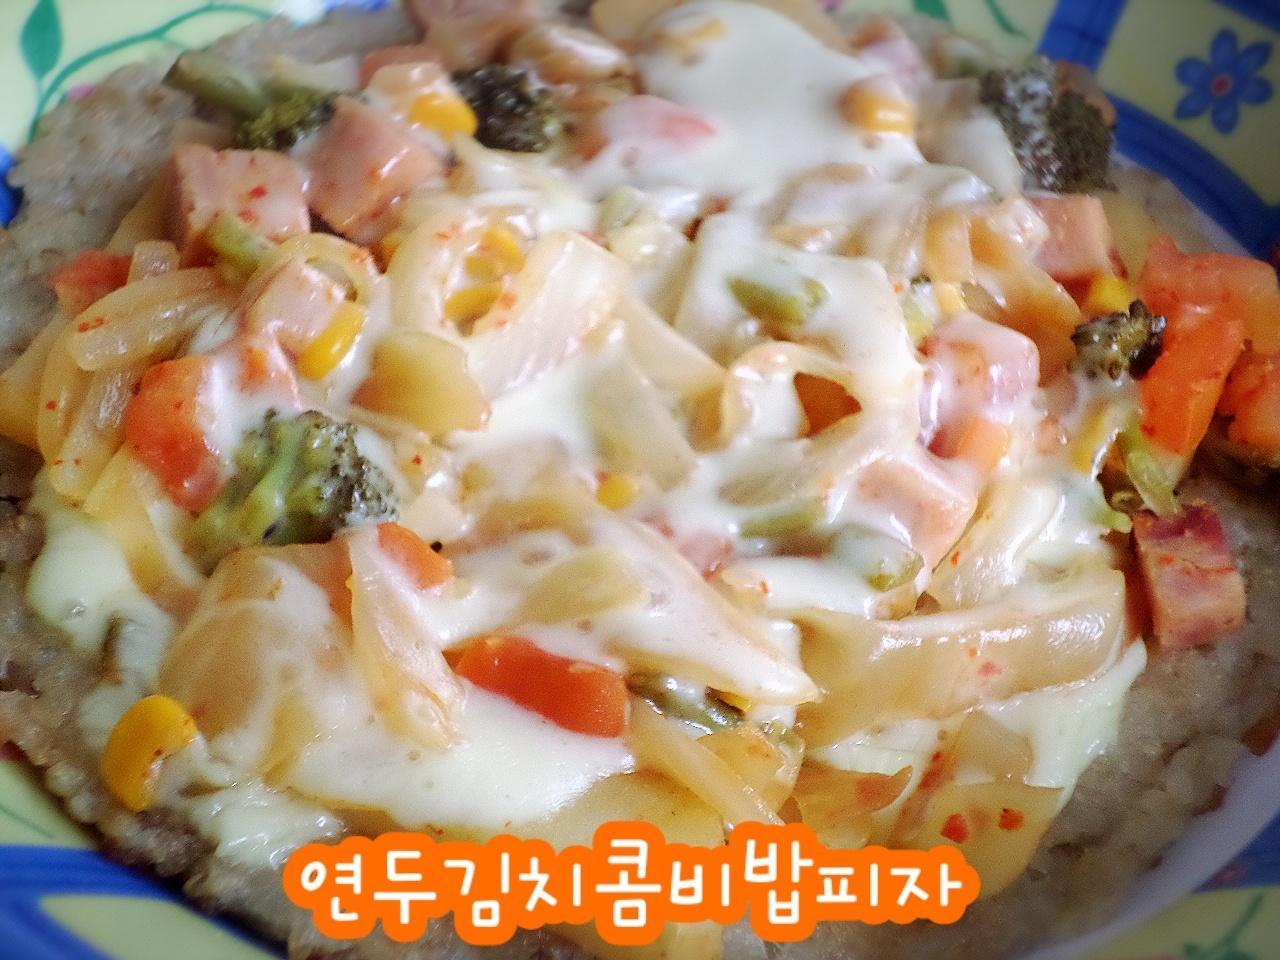 [해외자취Cook.feel通]230. 연두 김치콤비밥피자 레시피 <연두요리 7탄>